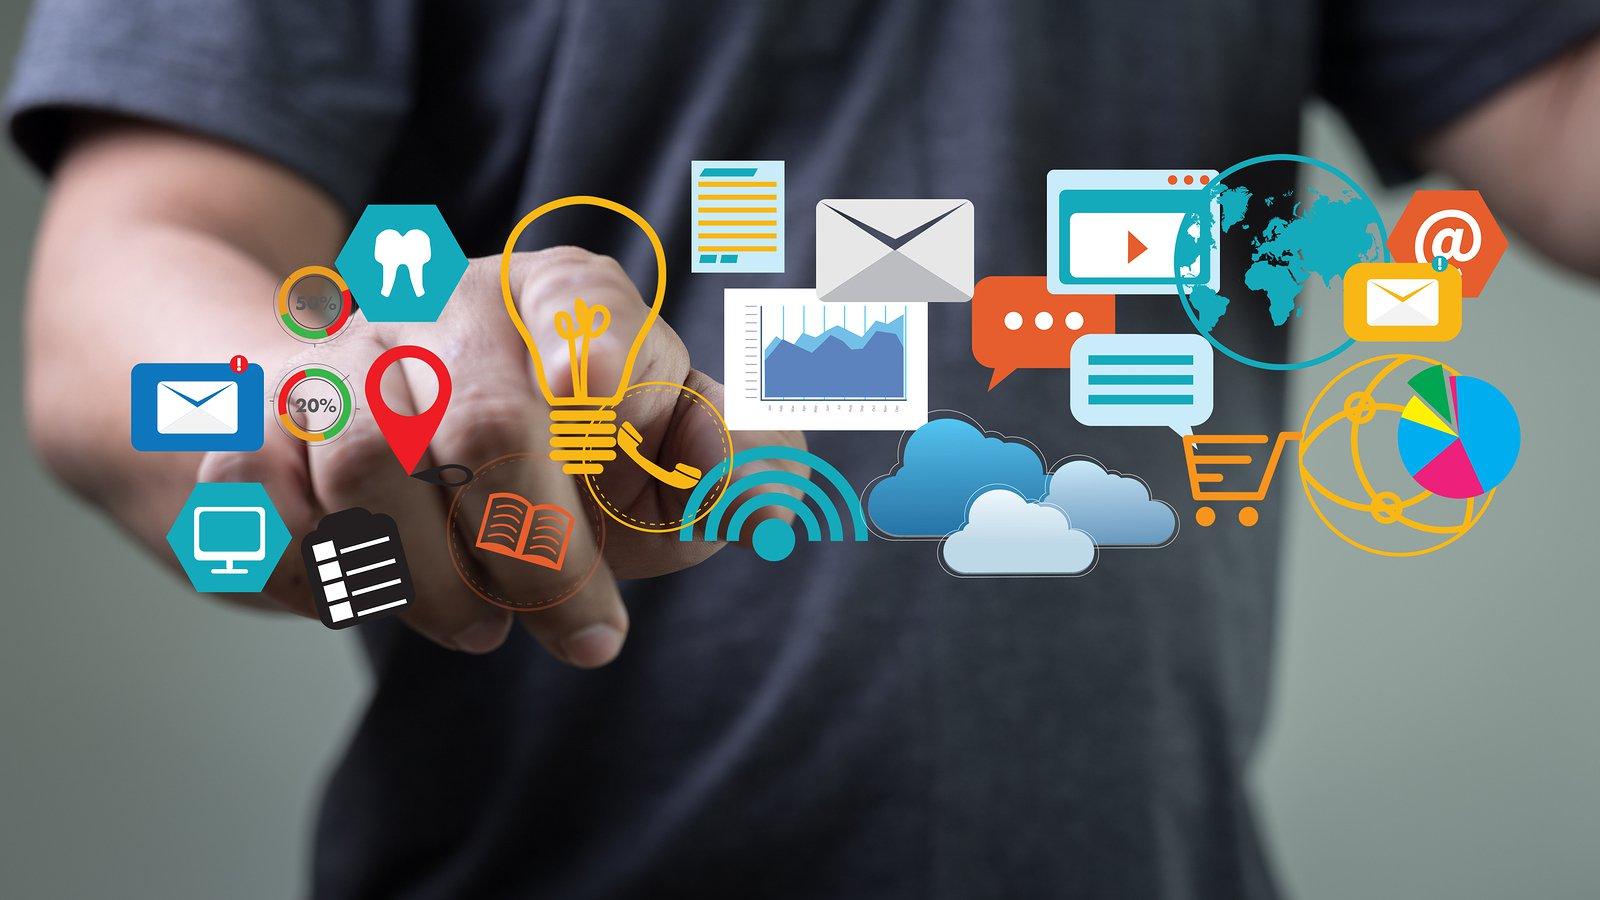 ¿Qué tan importante es la publicidad en las redes sociales?